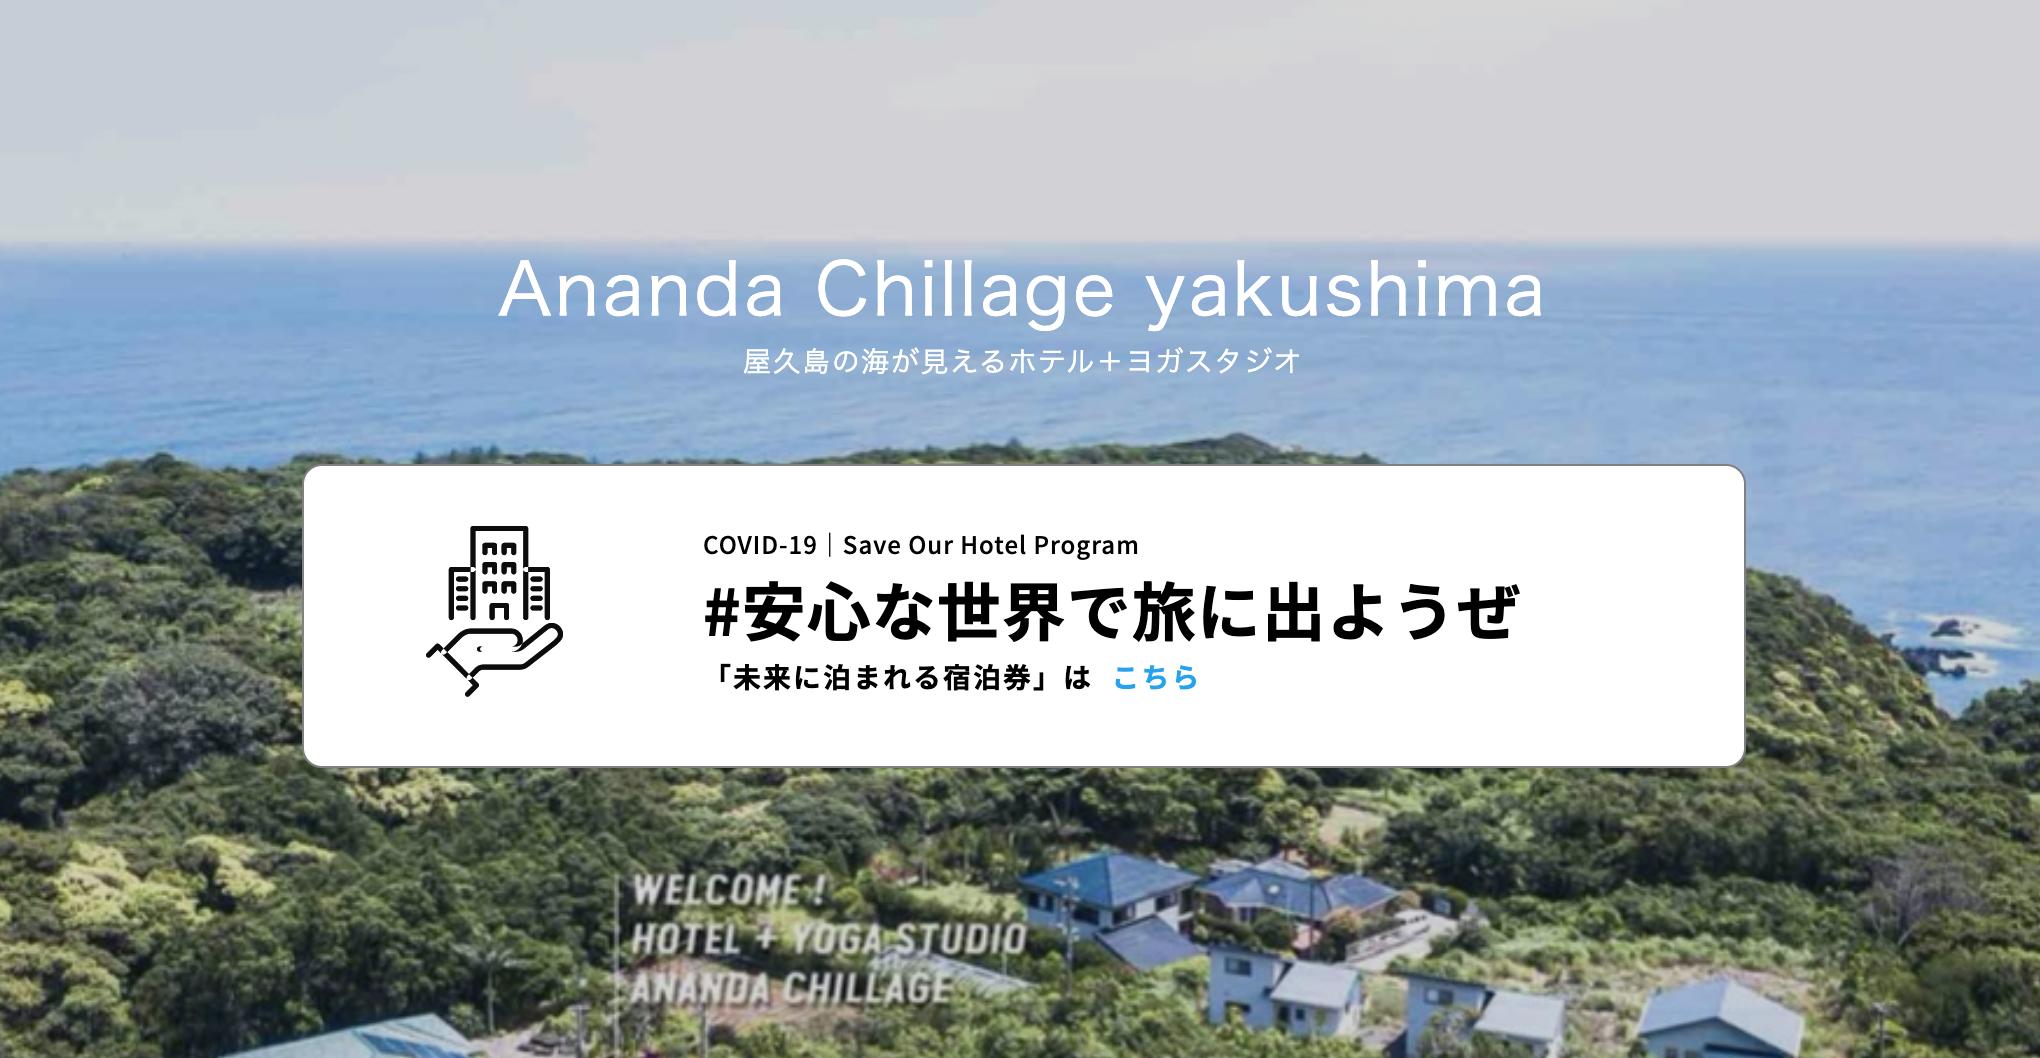 Ananda Chillage yakushima